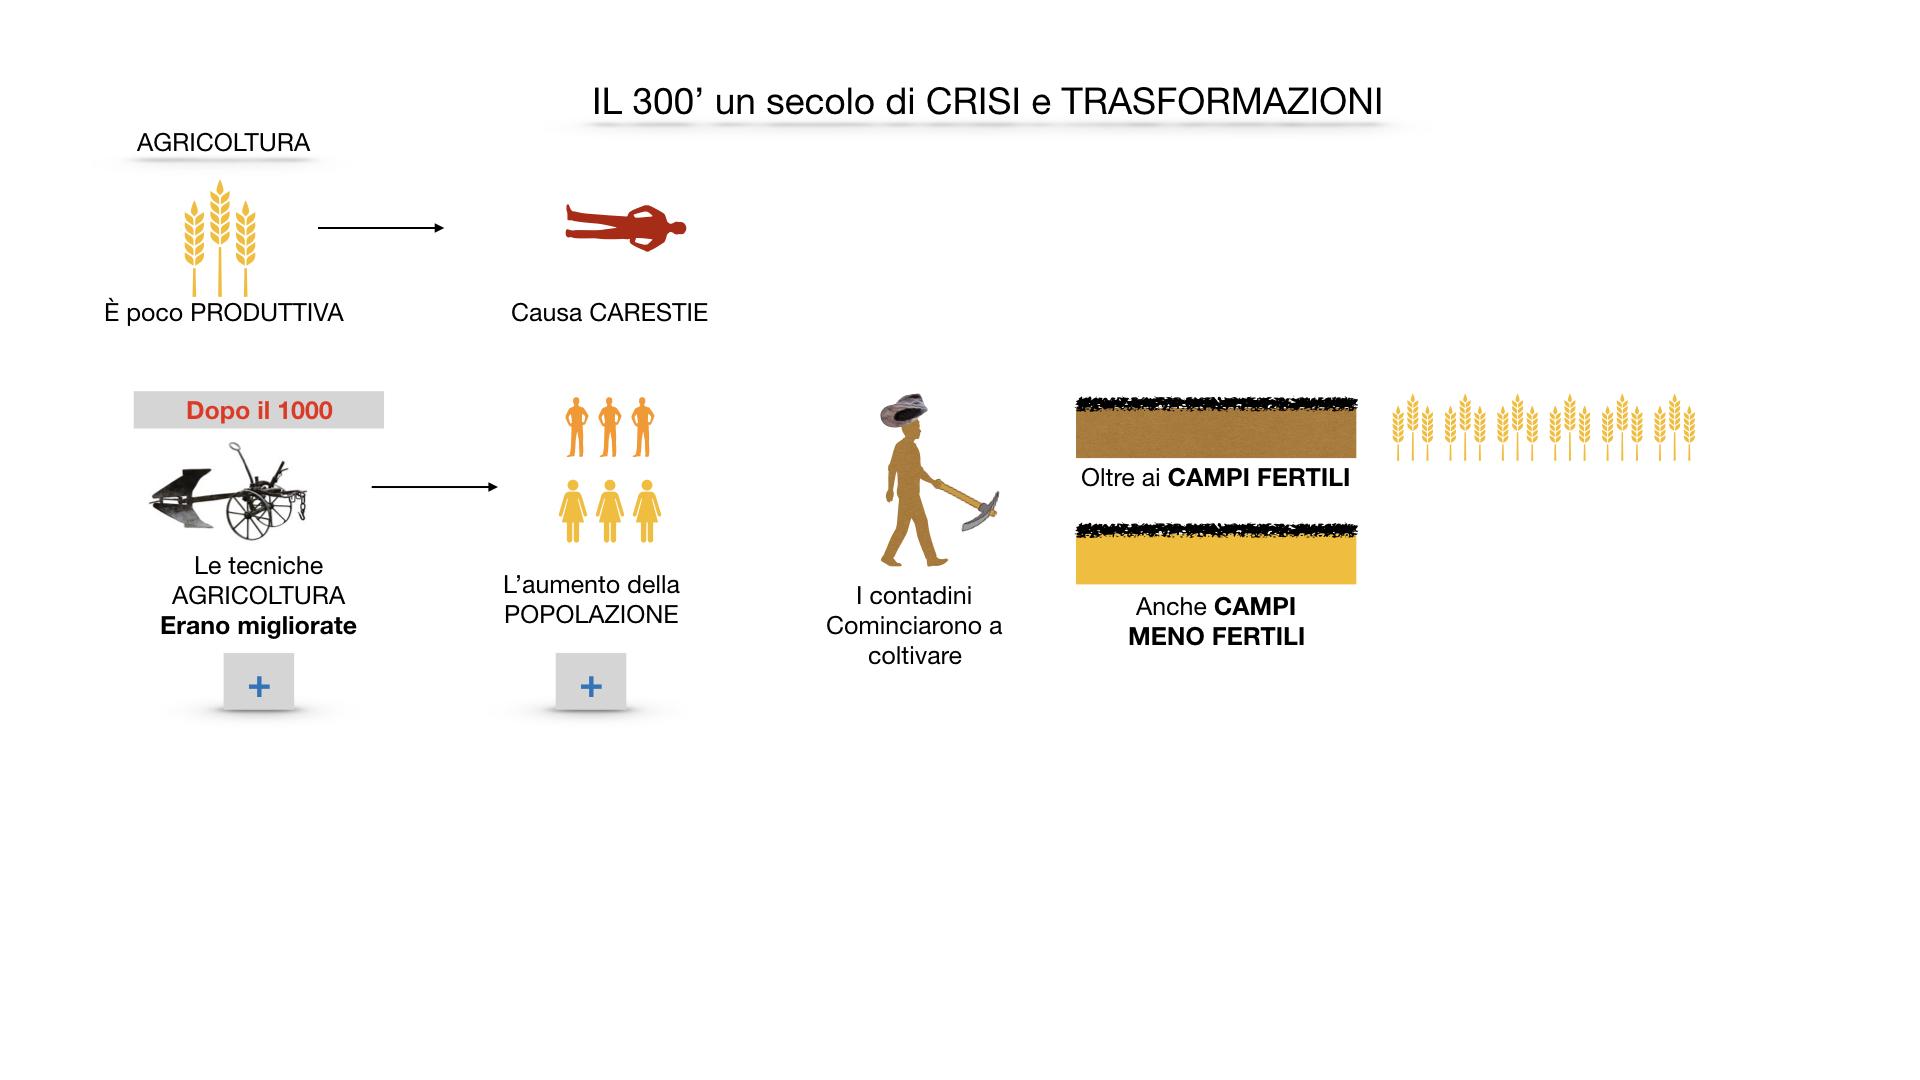 il 300 crisi e trasformazioni_ SIMULAZIONE.010